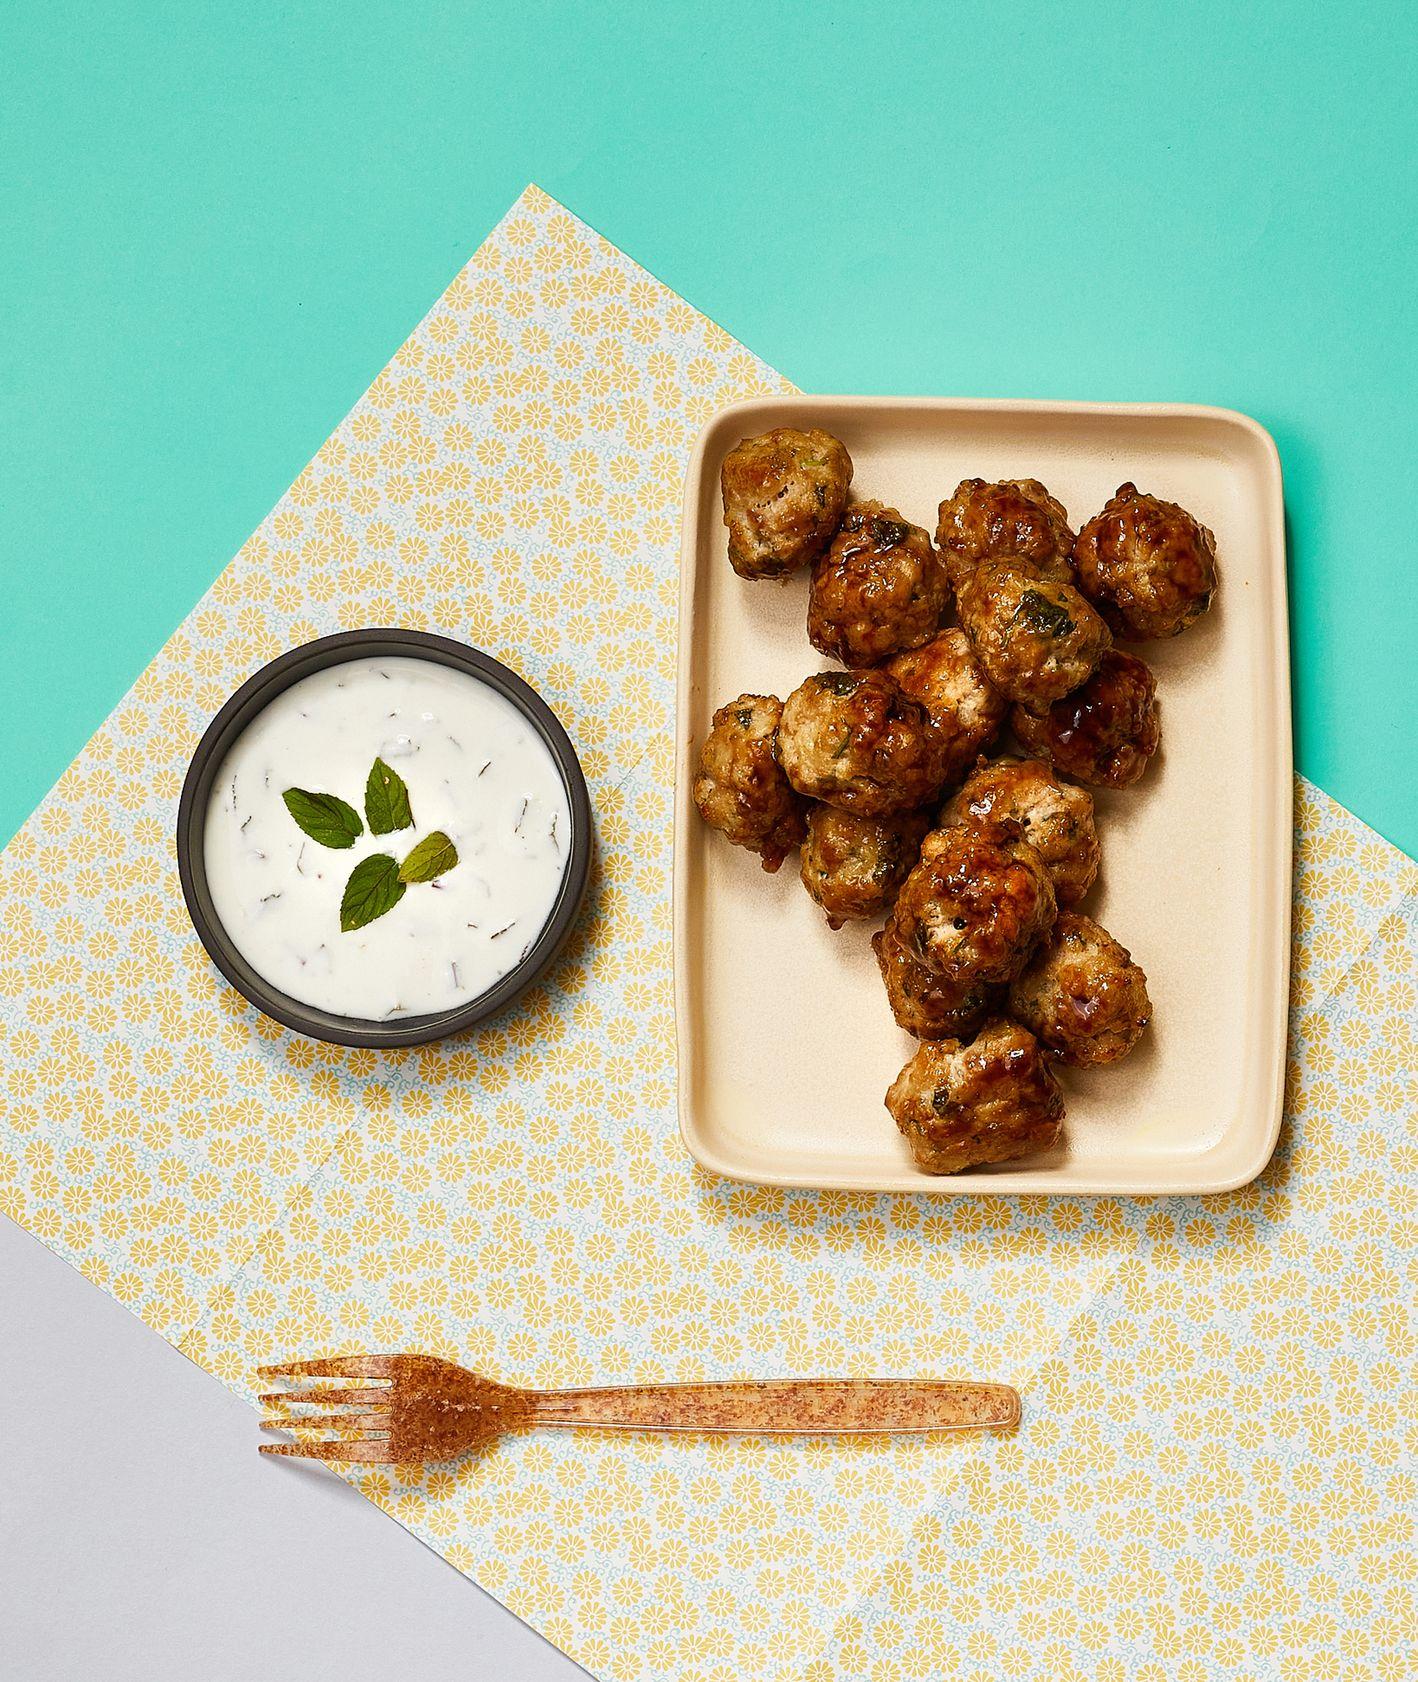 Jak zrobić klopsiki wieprzowe z dipem miętowym, pomysł na obiad dla dziecka, meatballs (fot. Maciej Niemojewski)